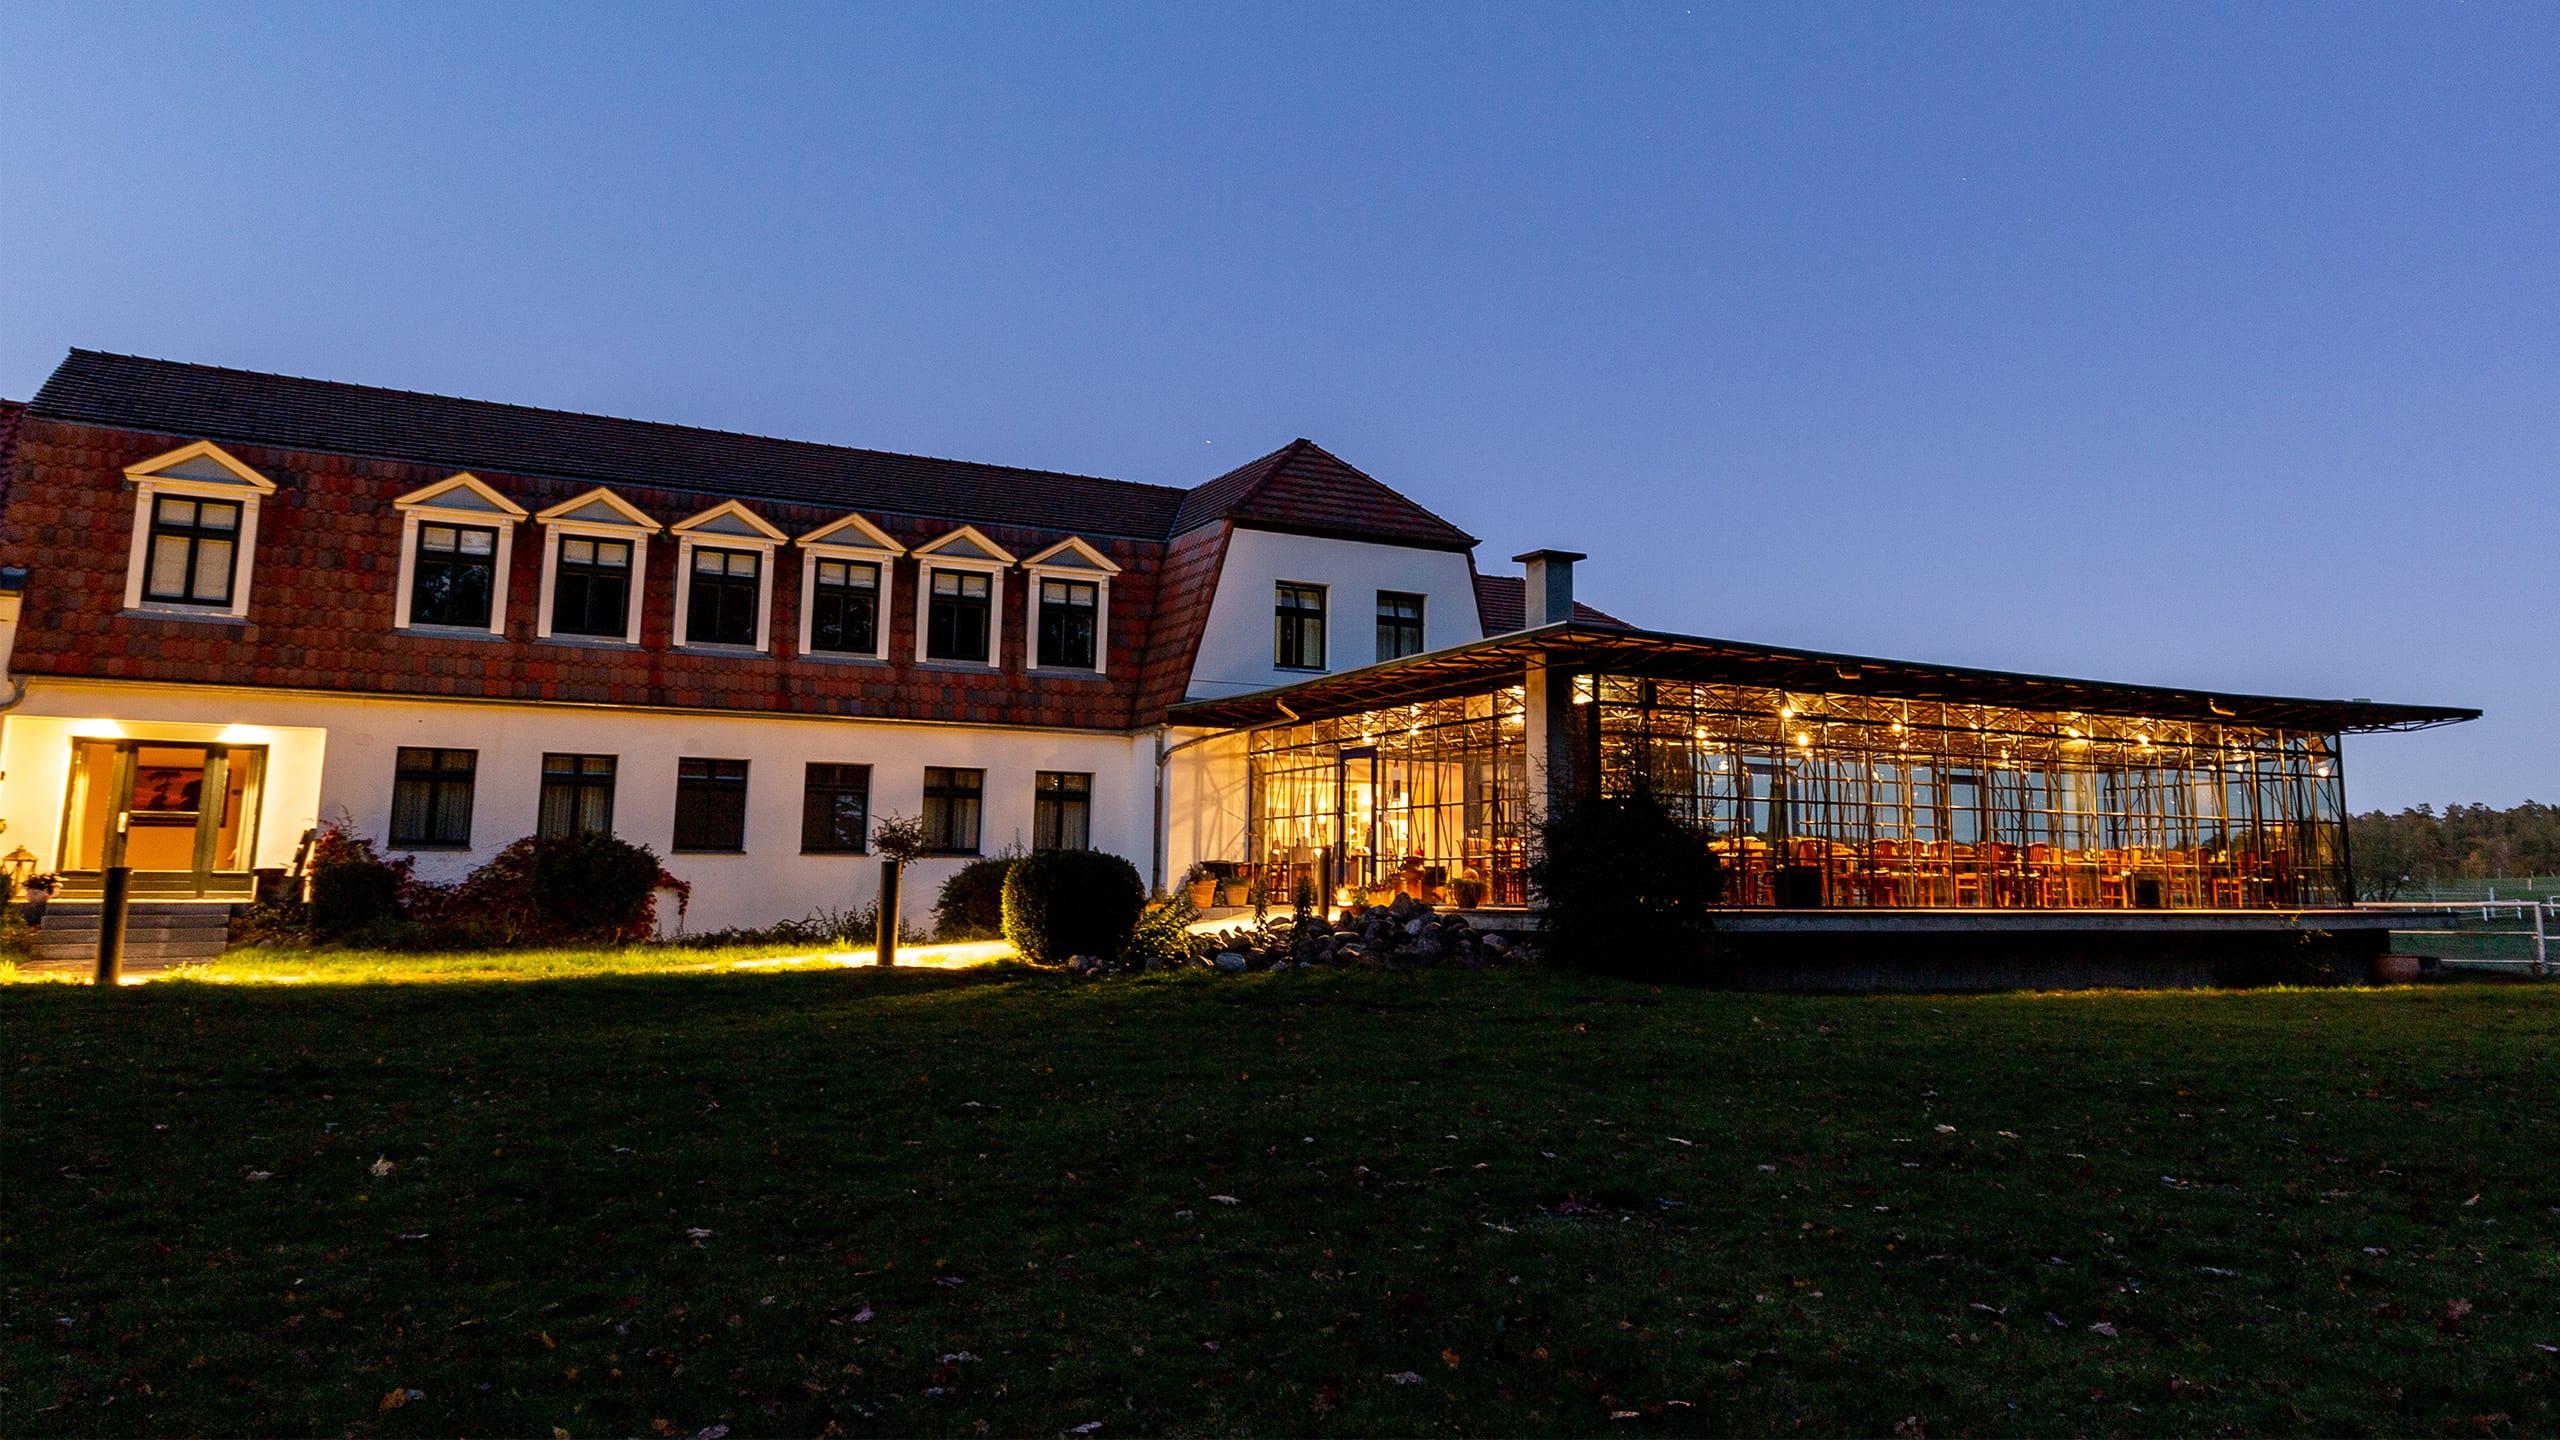 Gutshaus Gut Sarnow Hotel und Hochzeitslocation in Brandenburg nähe Berlin